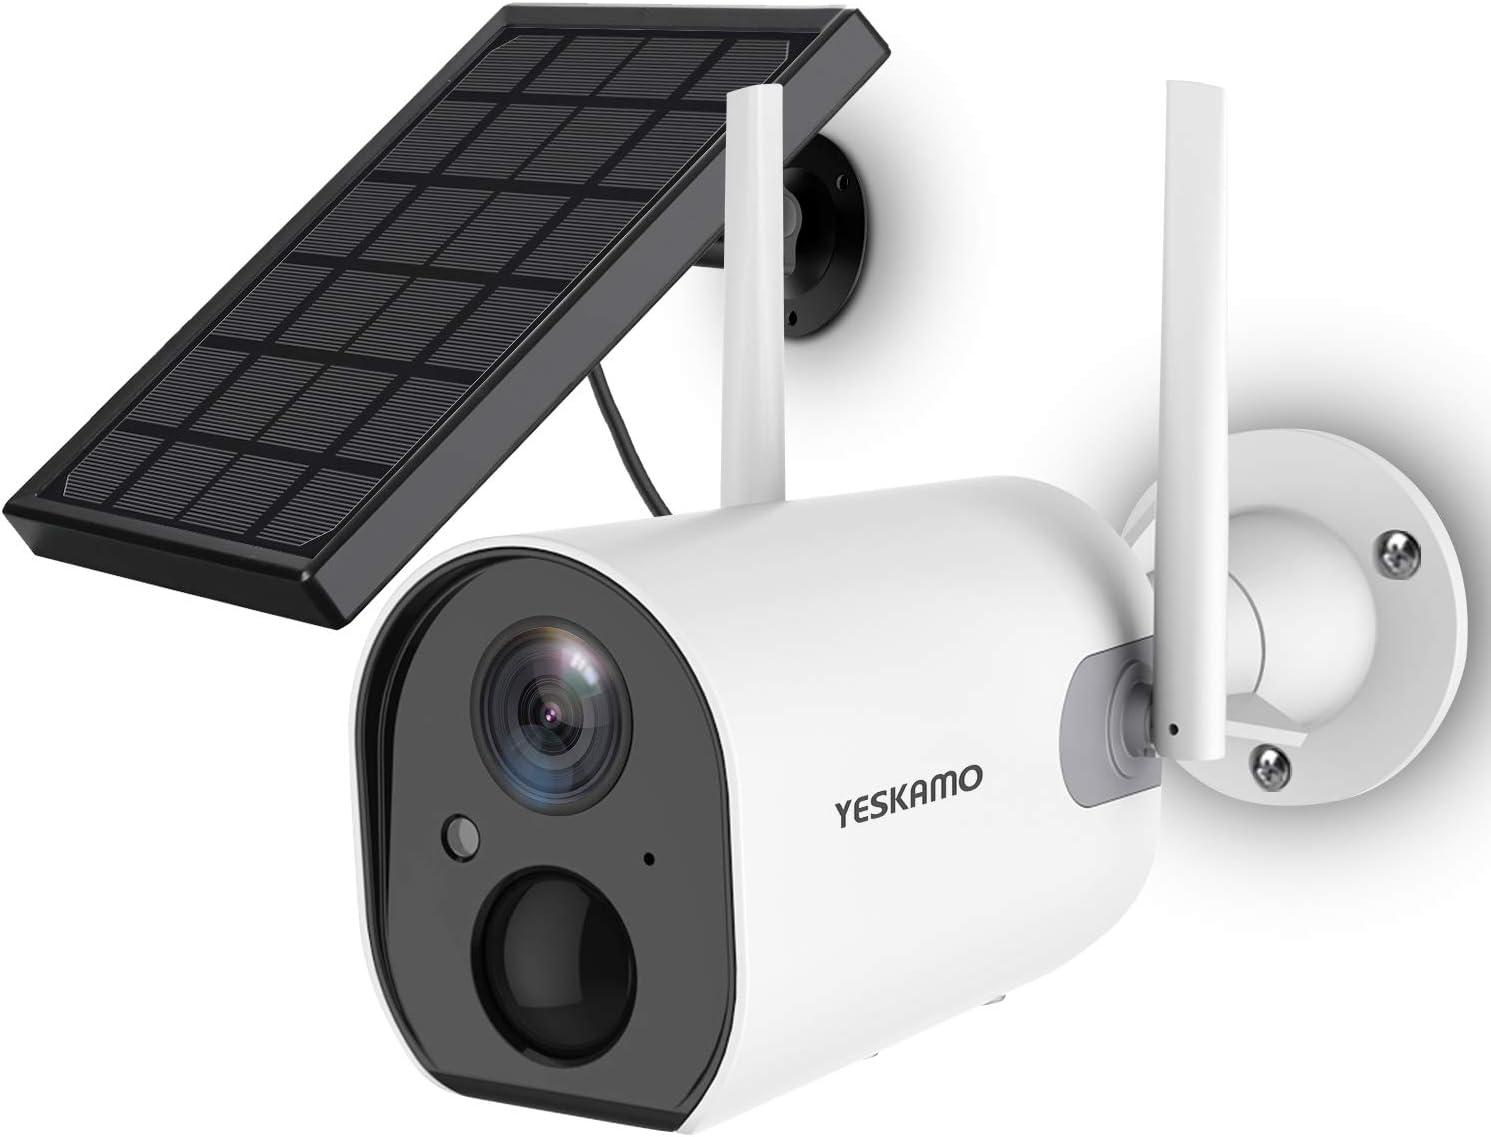 YESKAMO ソーラーパネル付き電池式防犯カメラ ZS-GX6S